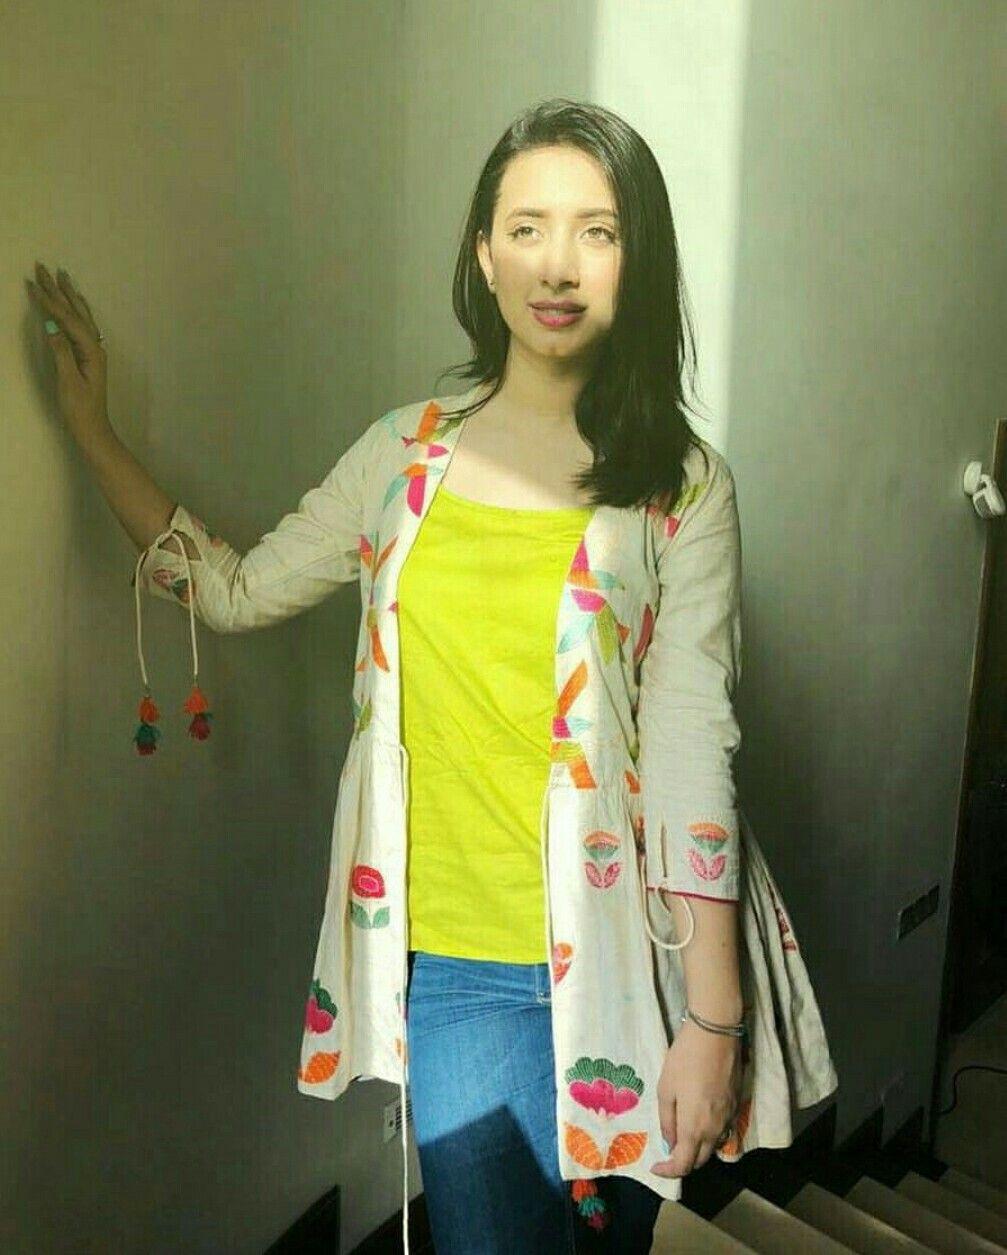 Komal aziz khan casual pinterest pakistani chic outfits and